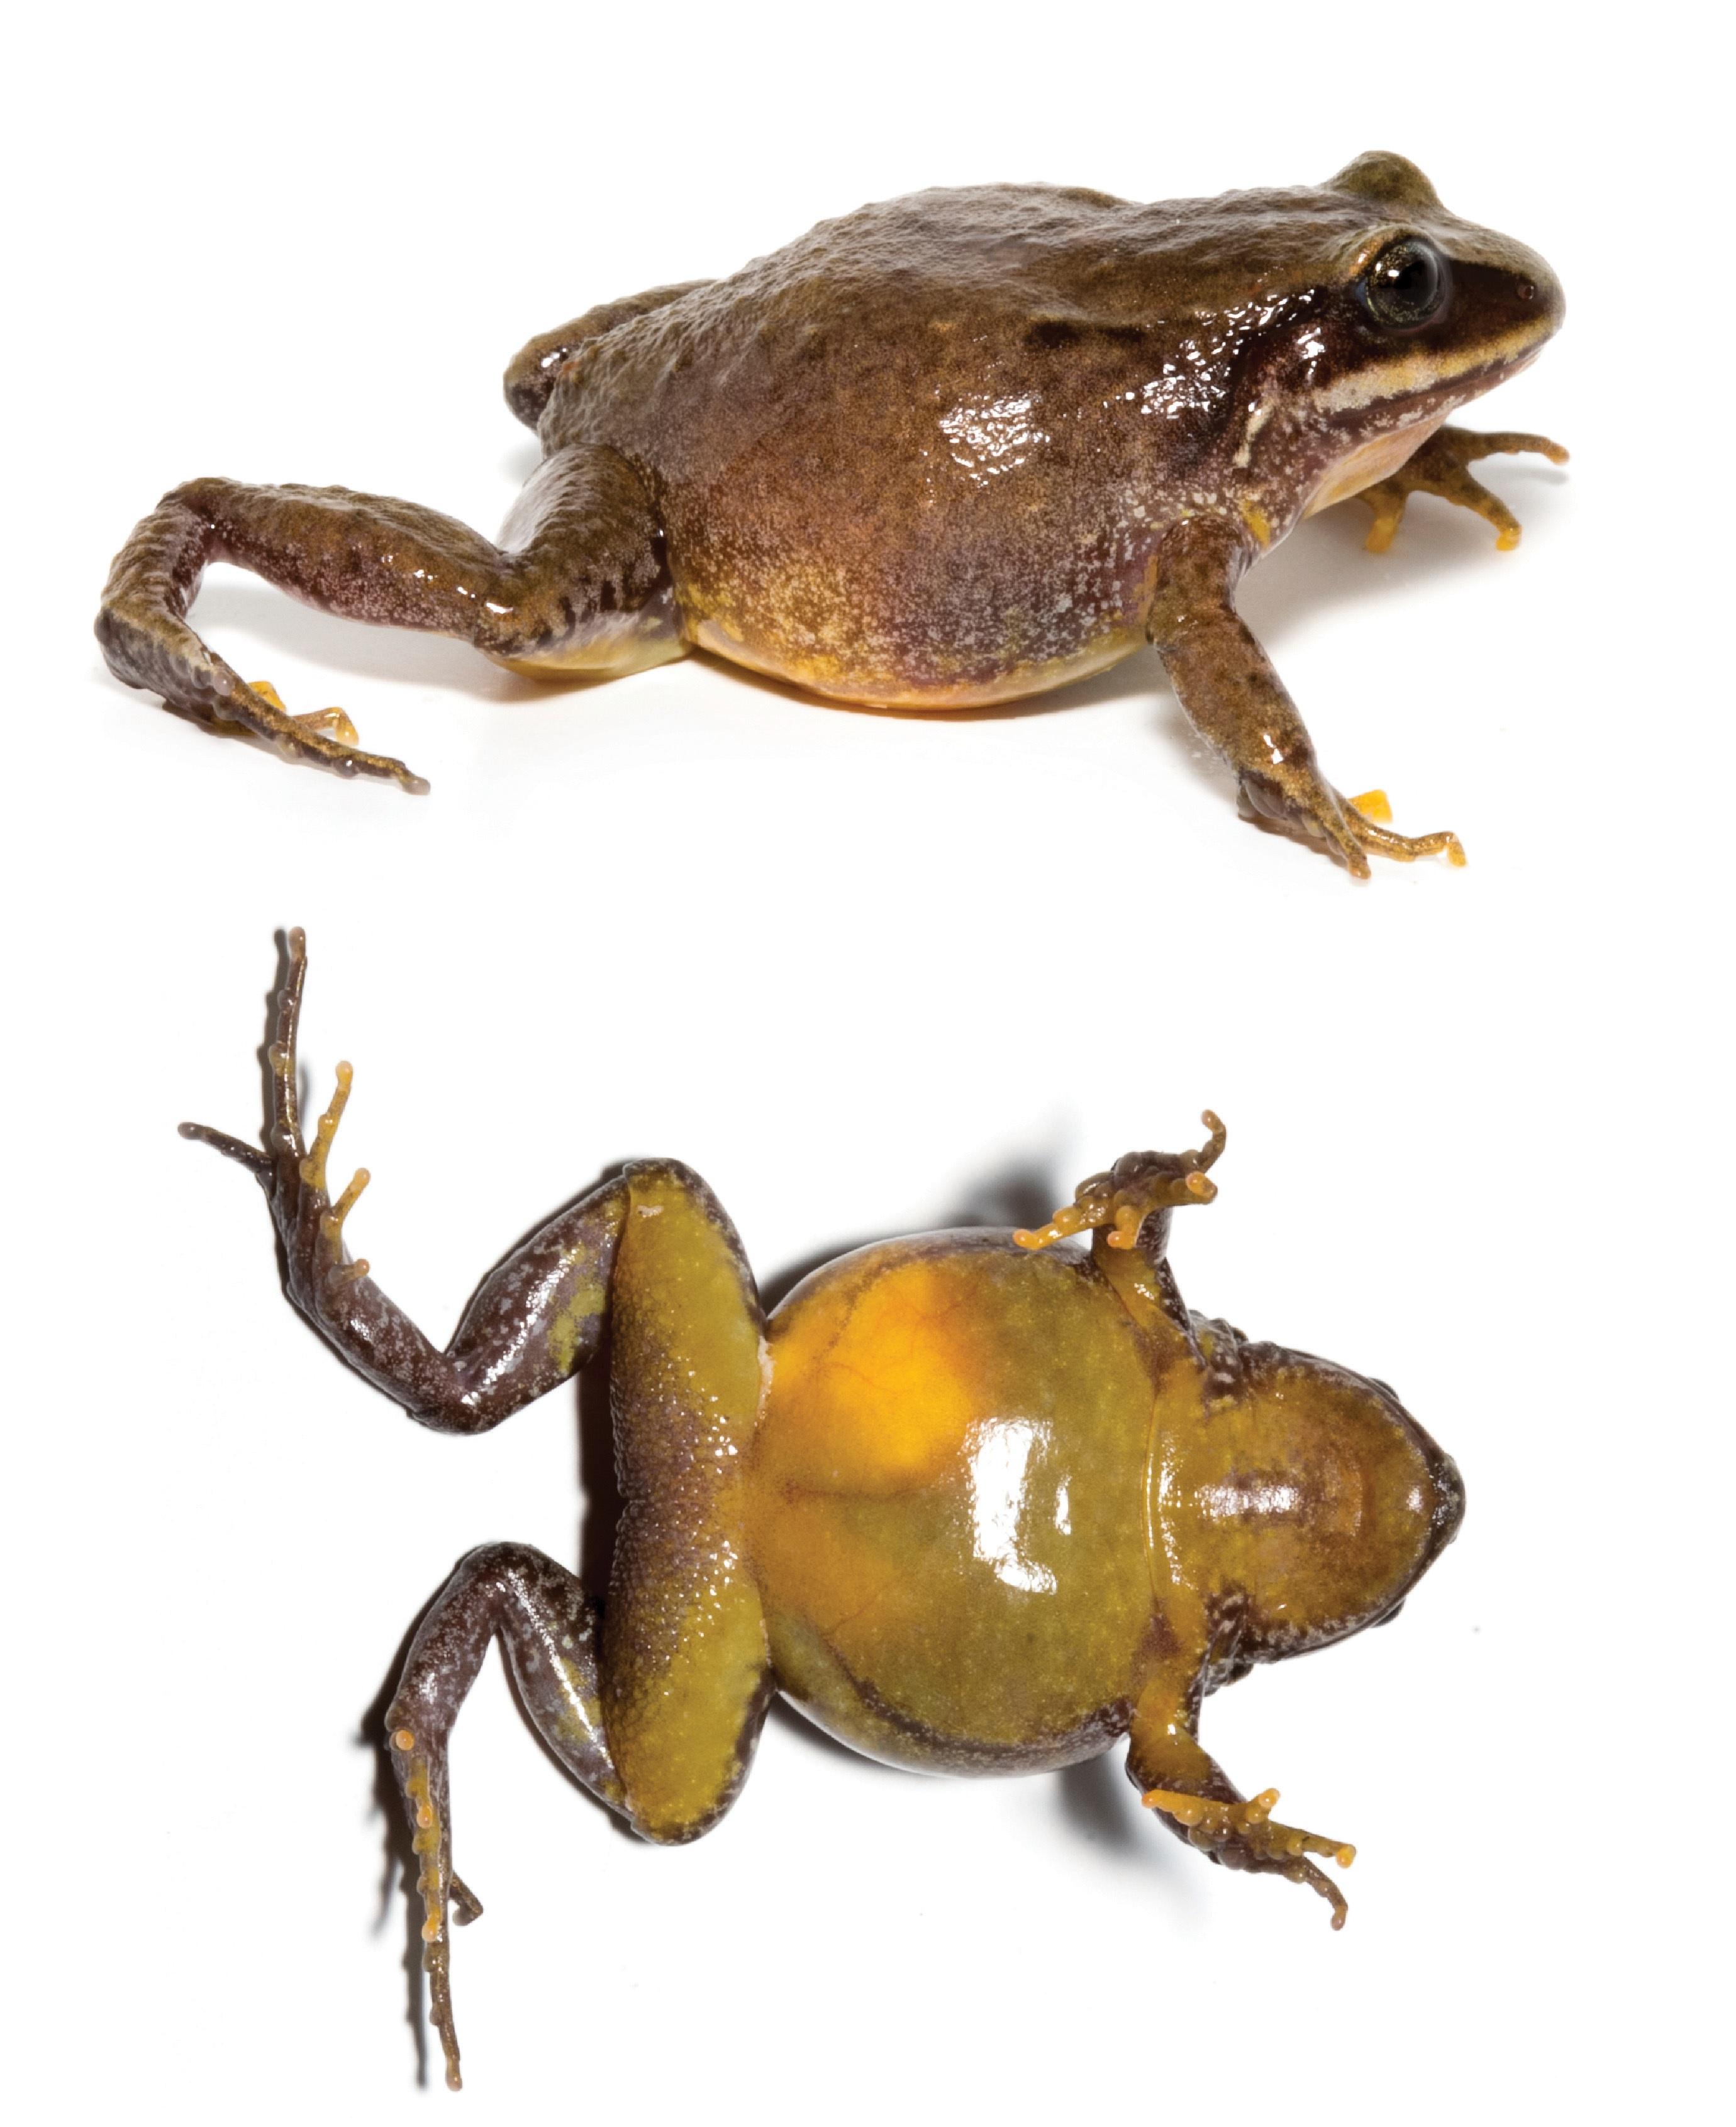 Lynchius parkery. Vista dorsal y vental de esta especie que habita entre Ecuador y Perú. Su nuevo registro muestra que la diversidad del género Lynchius está subestimada. Foto: Juan Carlos Sánchez-Nivicela.